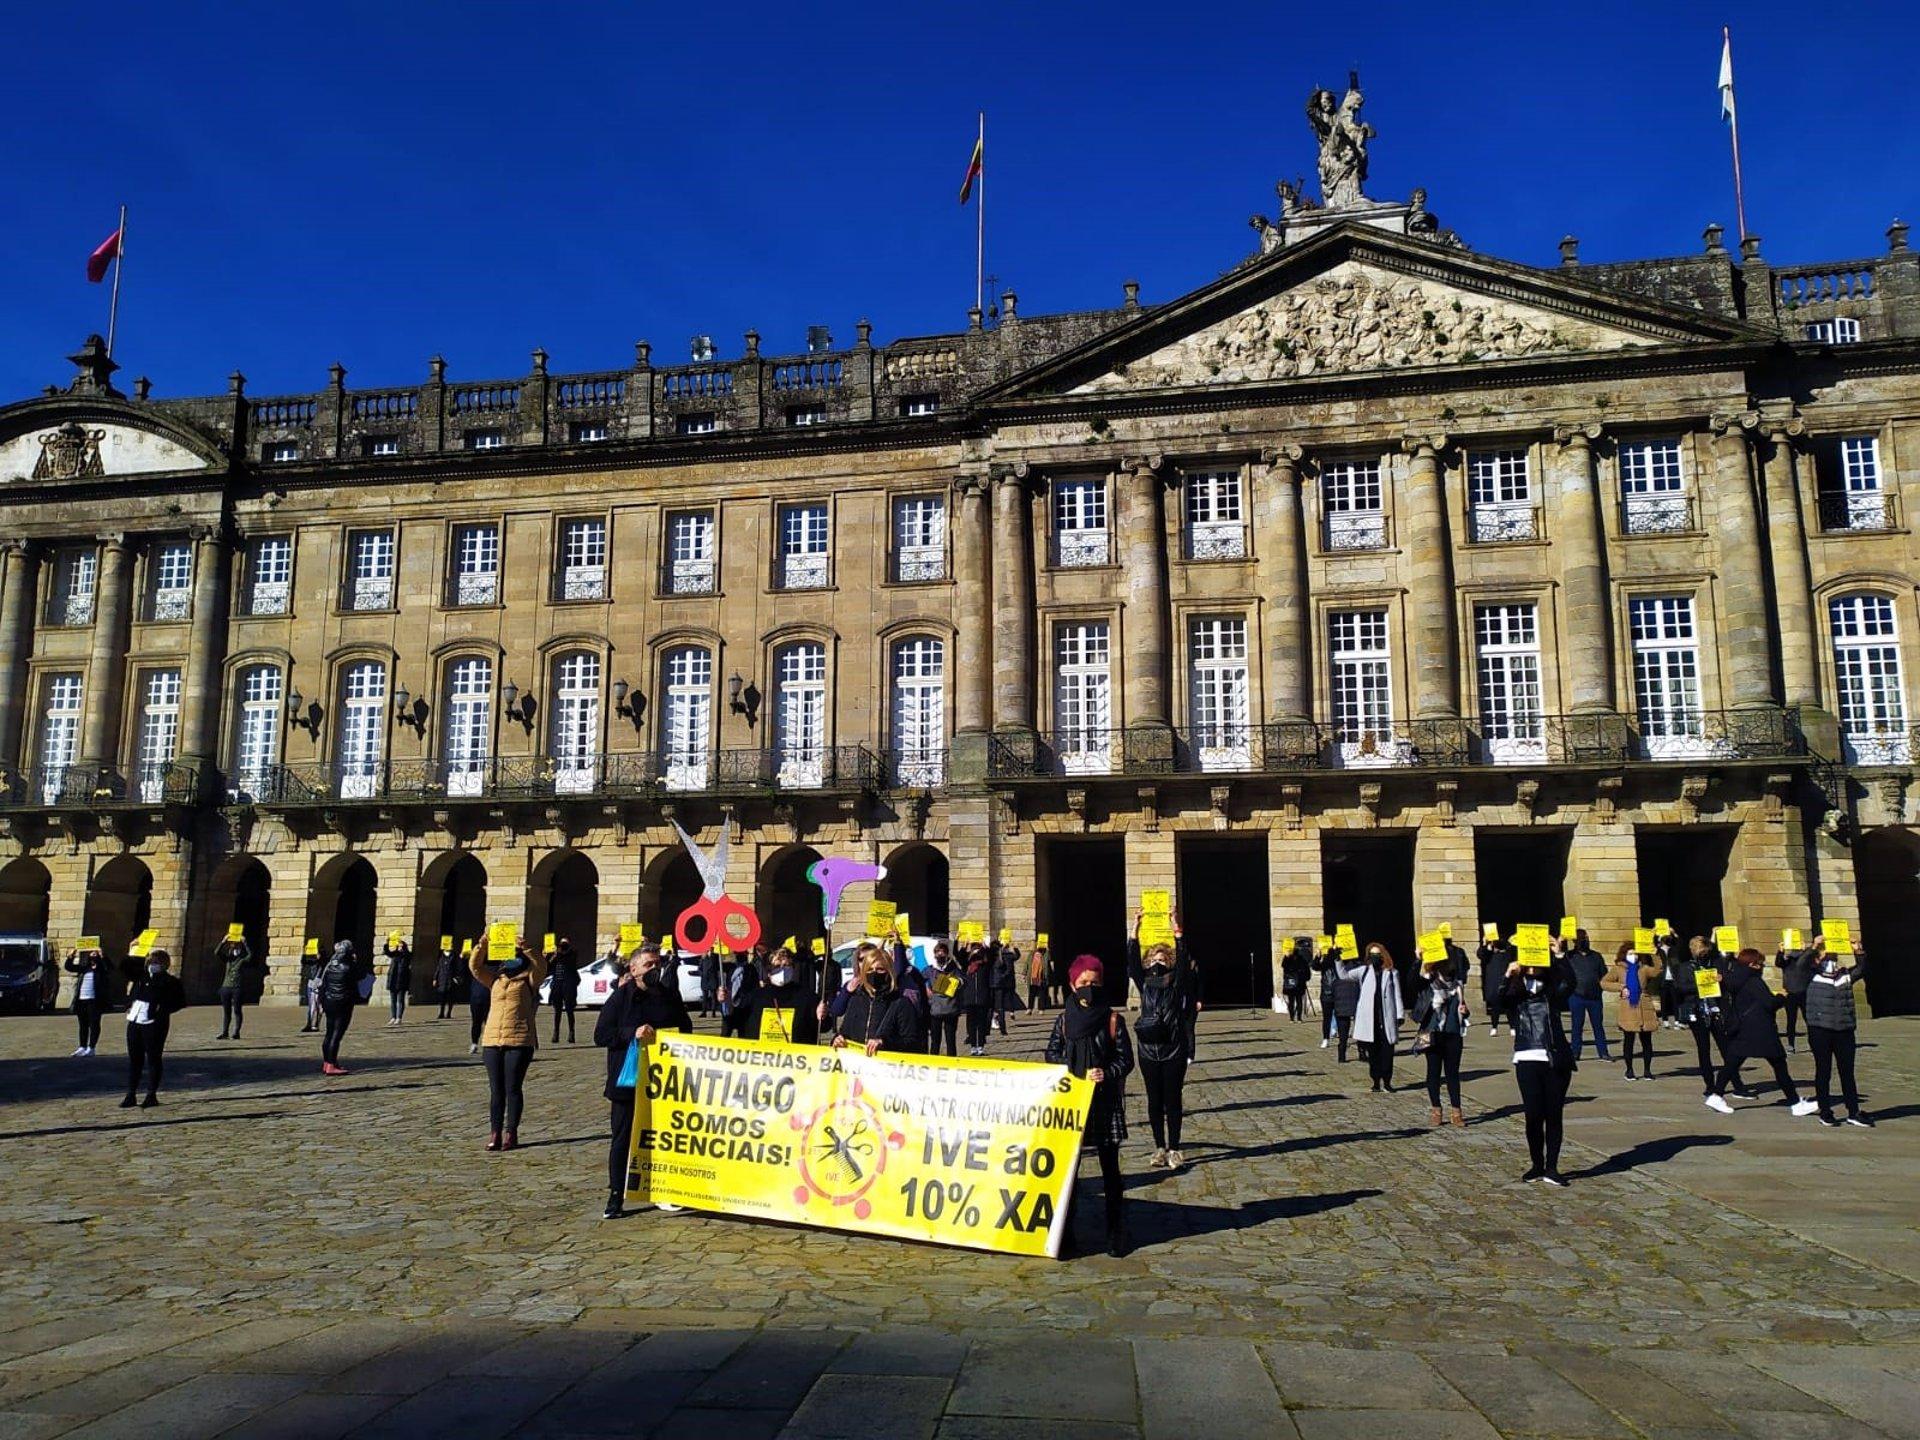 Las peluquerías gallegas salen a la calle para exigir la bajada del IVA en el sector